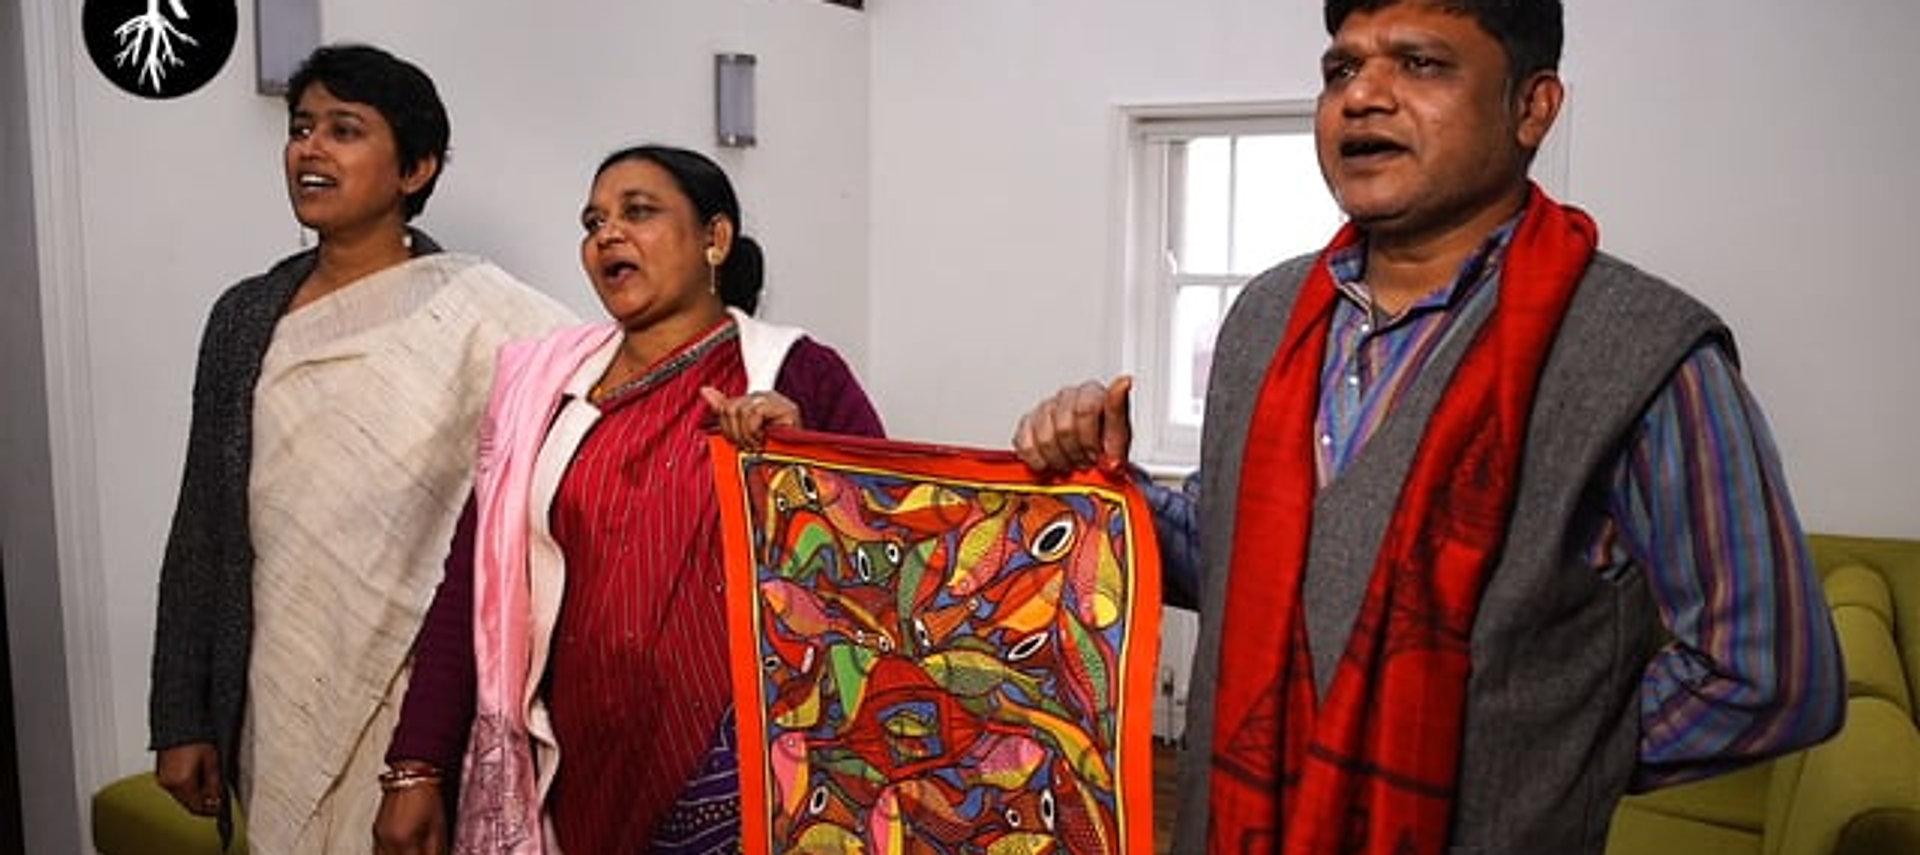 Patua artists